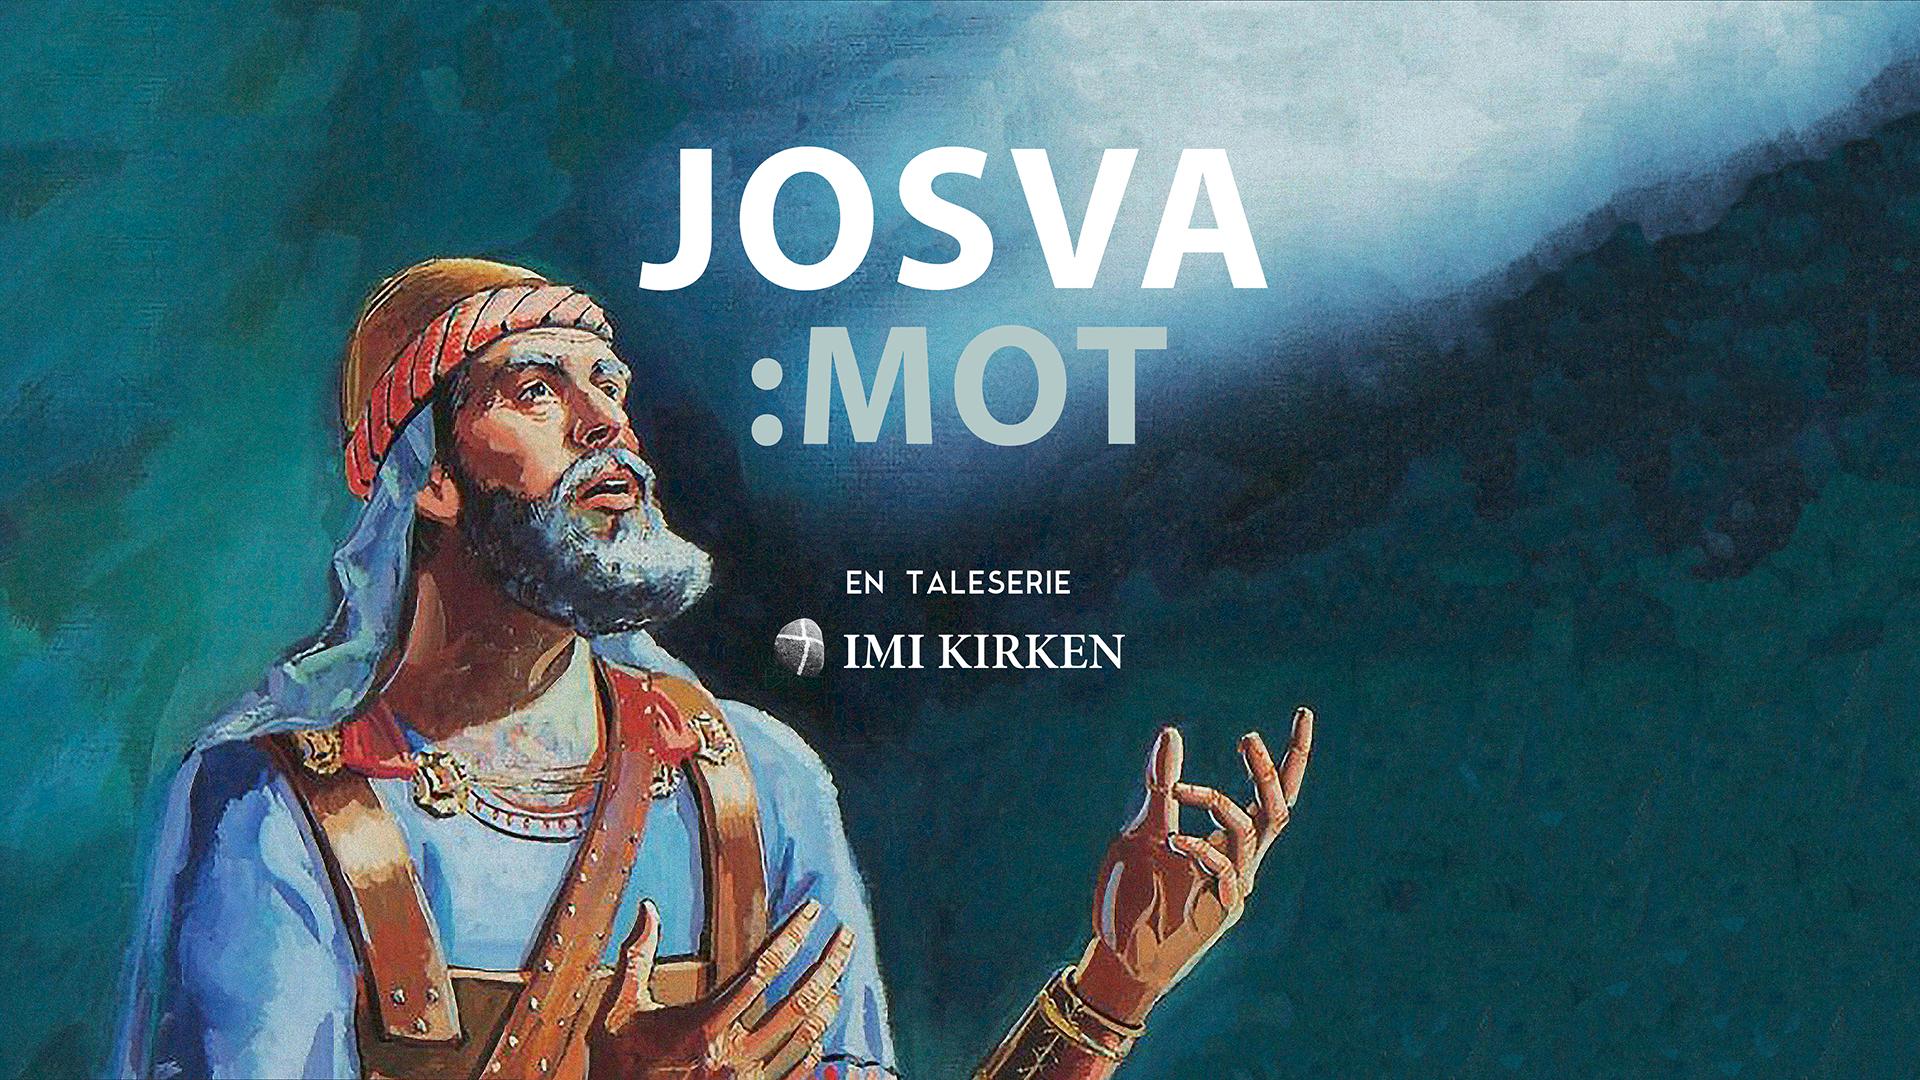 JOSVA-MOT-Taleserie høsten 2017-storskjerm.jpg